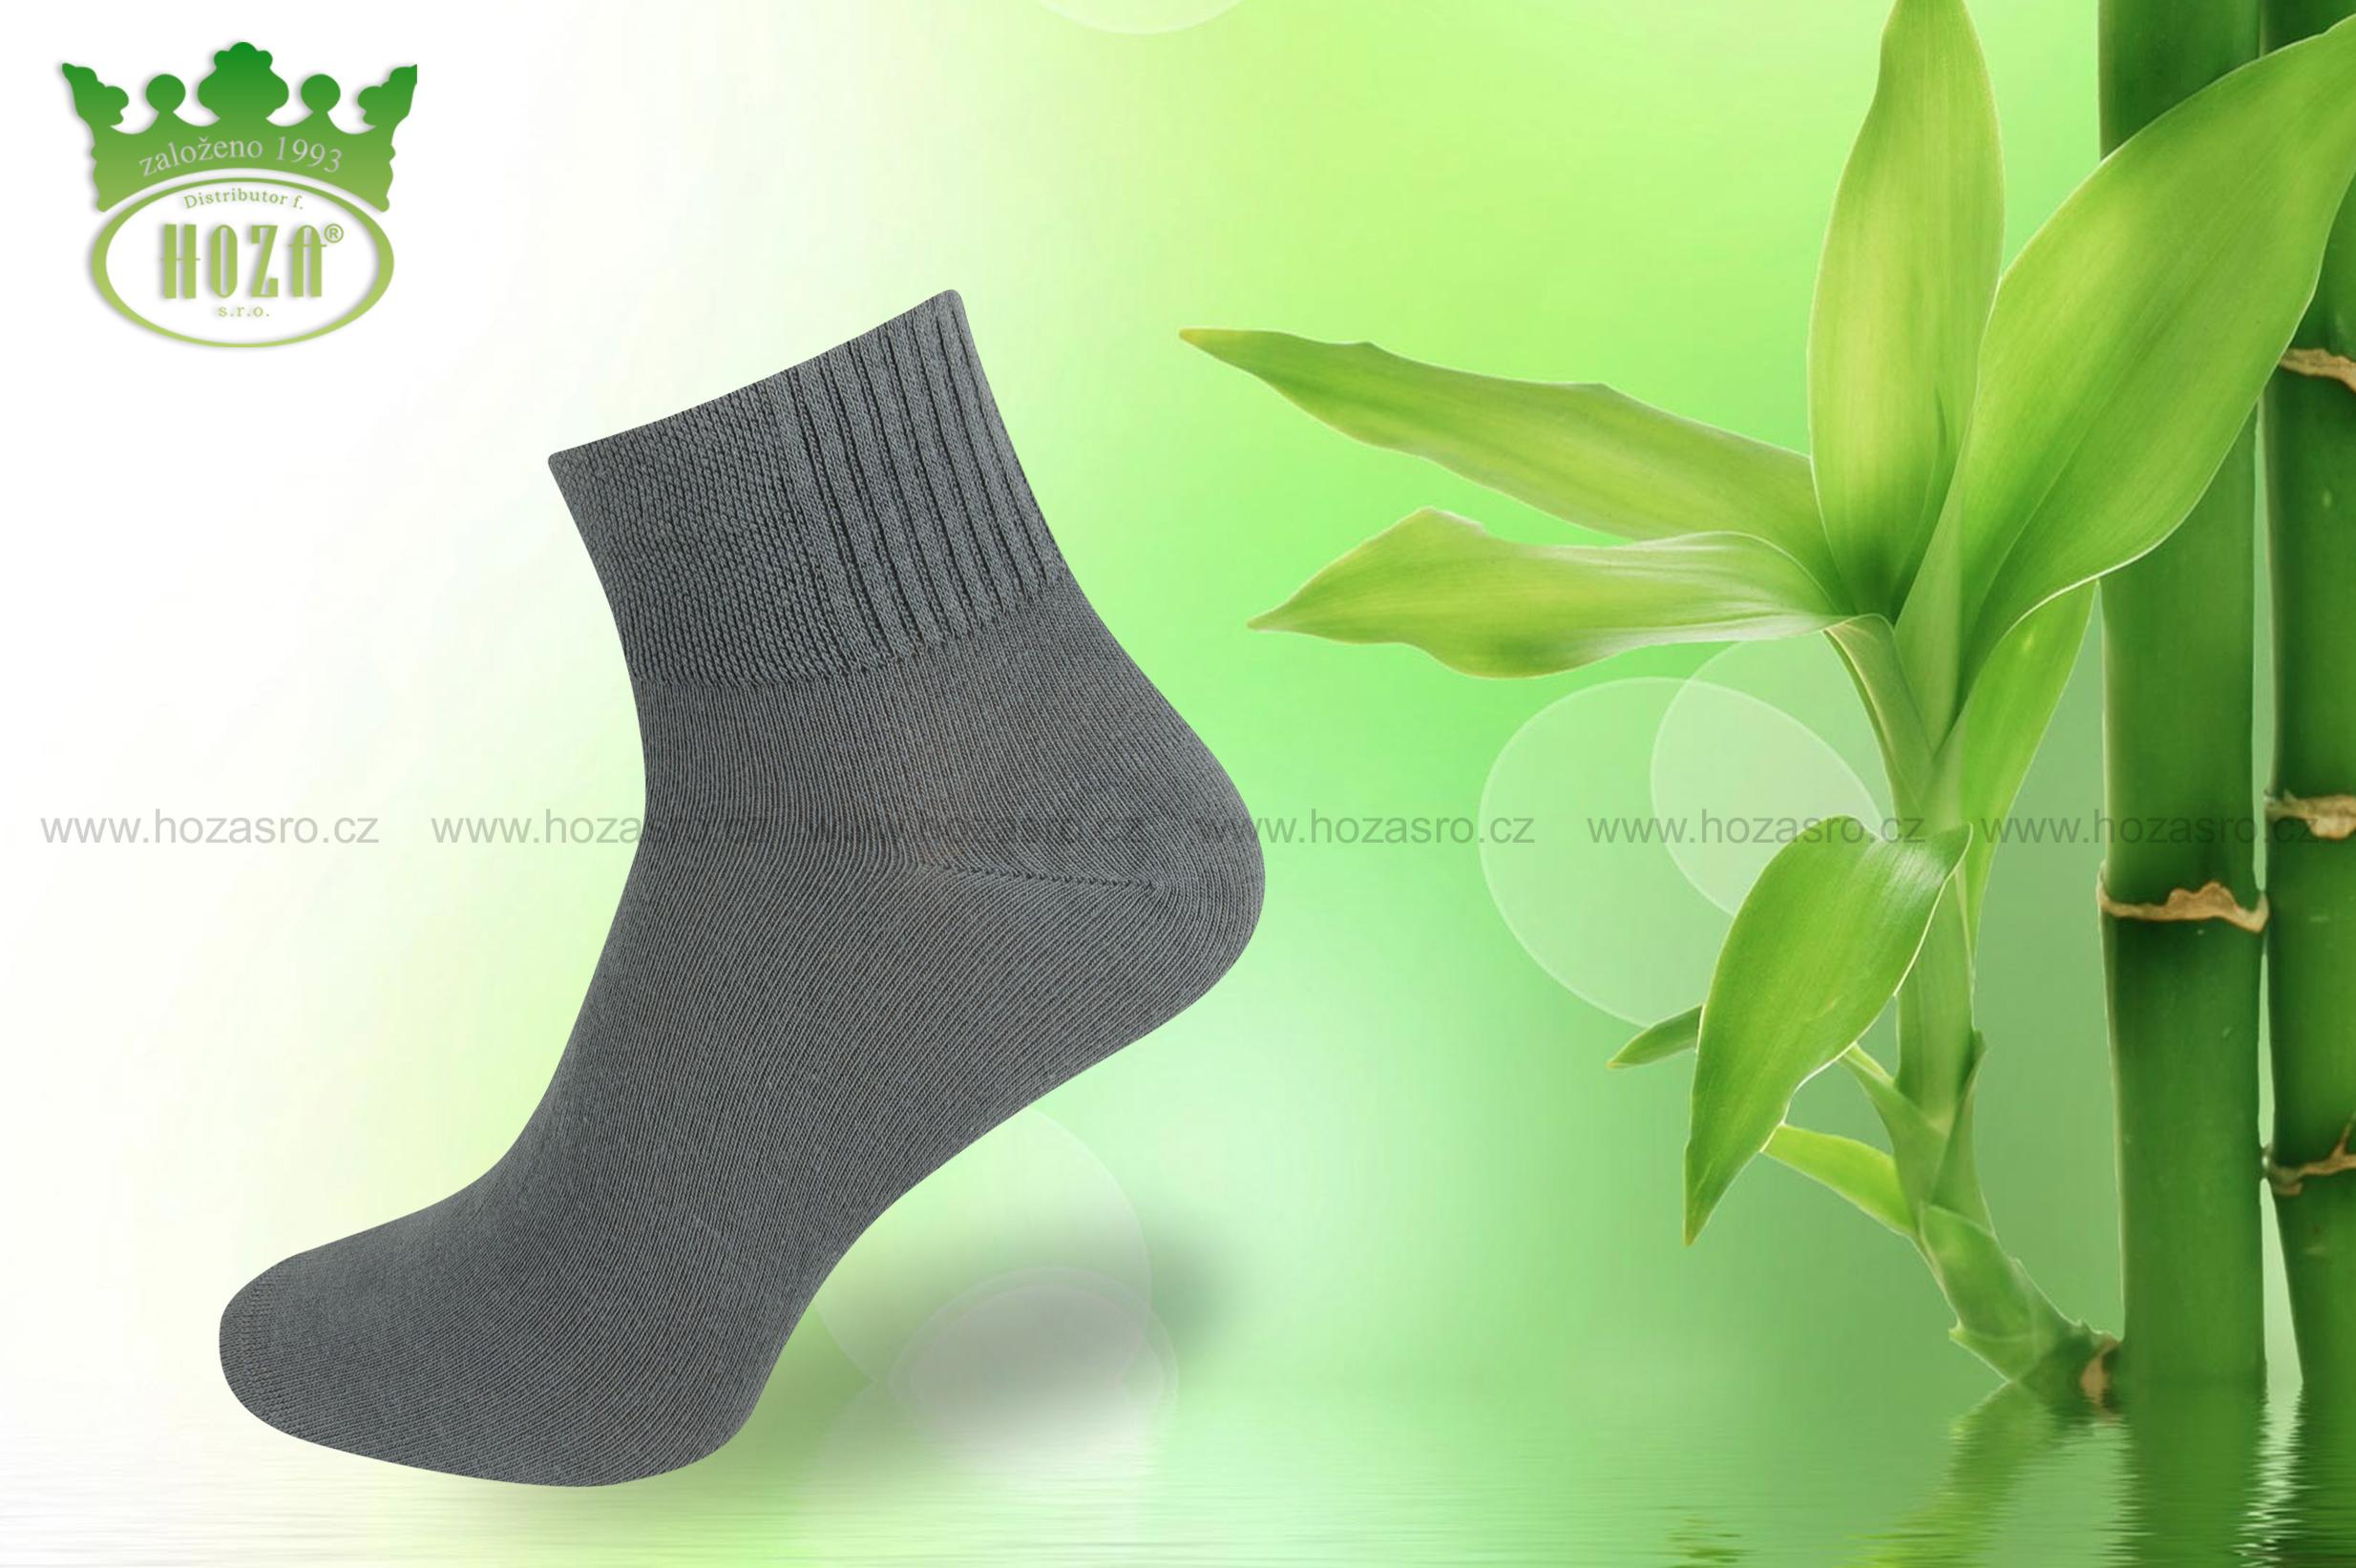 H5601 Dámské kotníkové antibakteriální bambusové ponožky HOZA. otevřít v  maximálním rozlišení aab6181f72